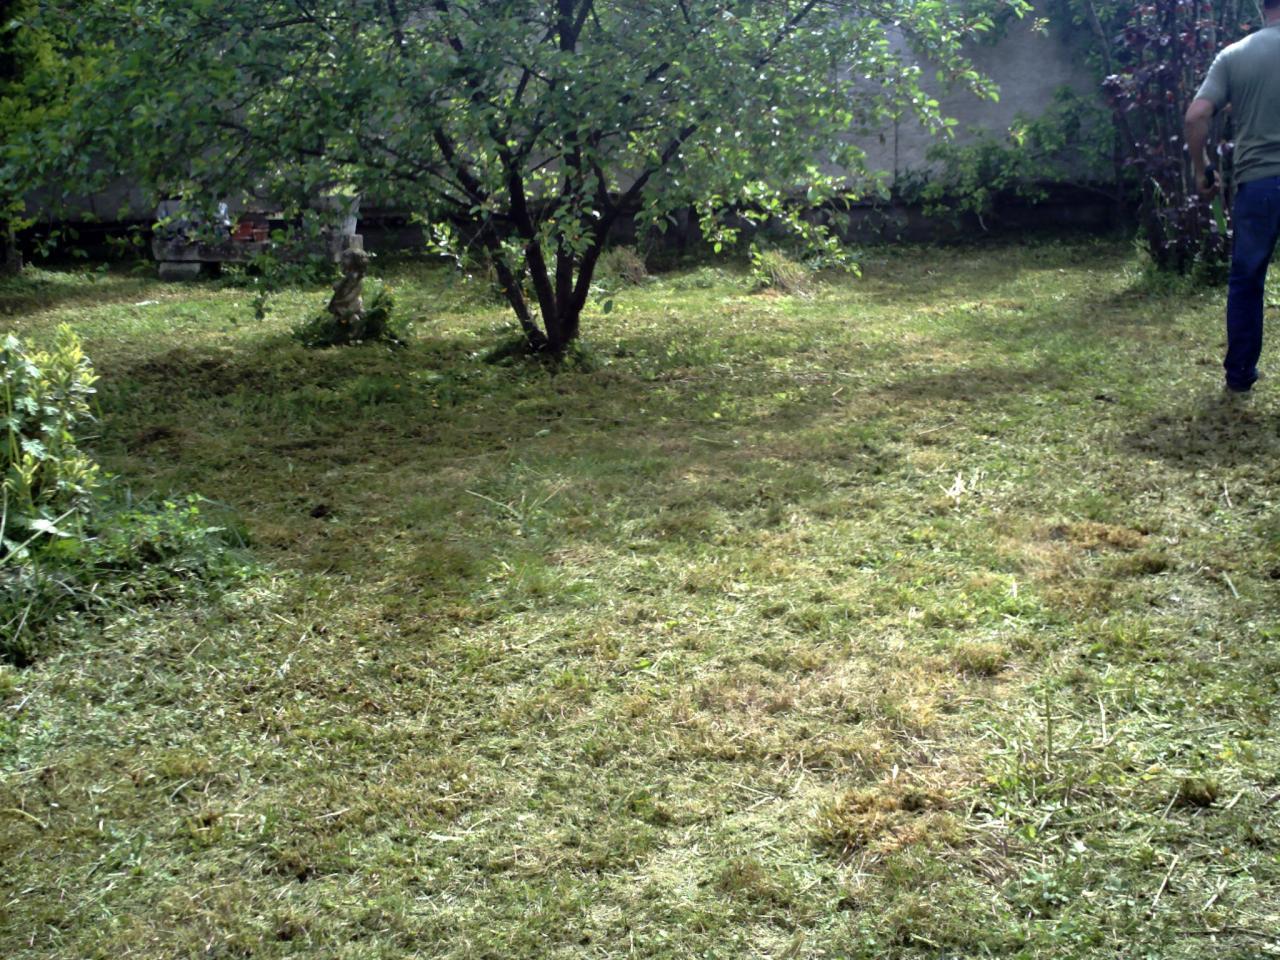 Jardin d broussaill avant cr ation de pelouse for Creation pelouse